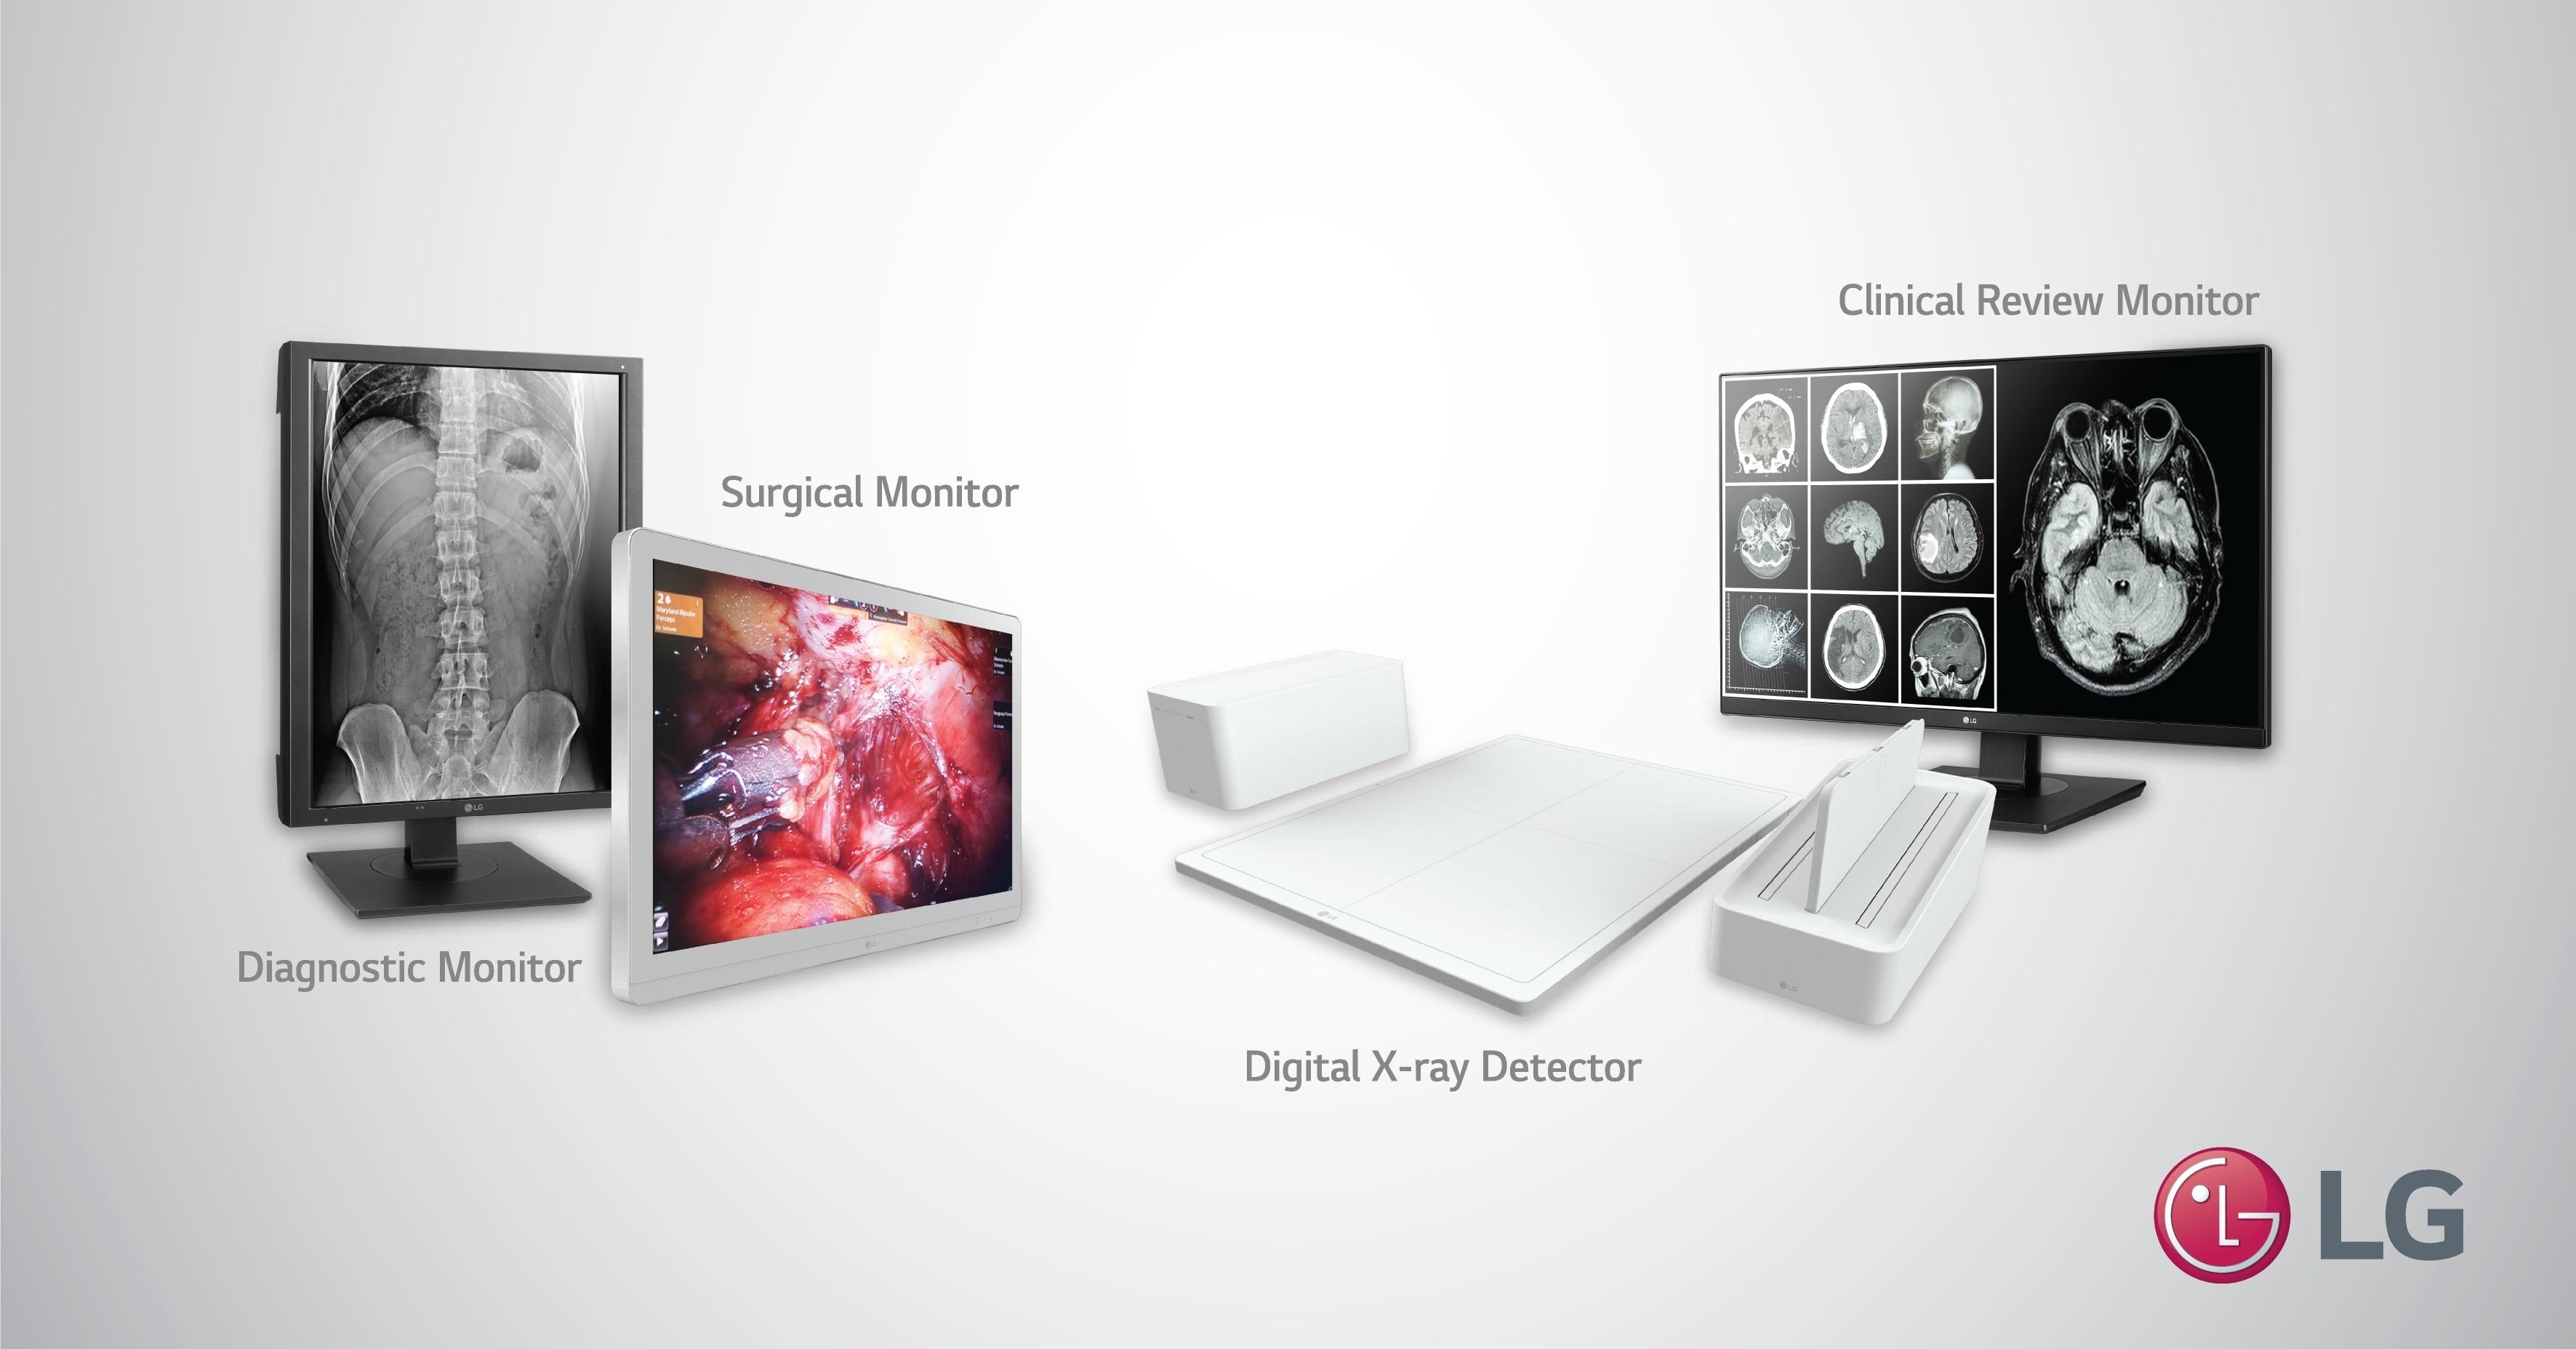 إل جي تقدم في آراب هيلث 2019 حلول التصوير الطبي اللازمة للرعاية الشاملة للمرضى: